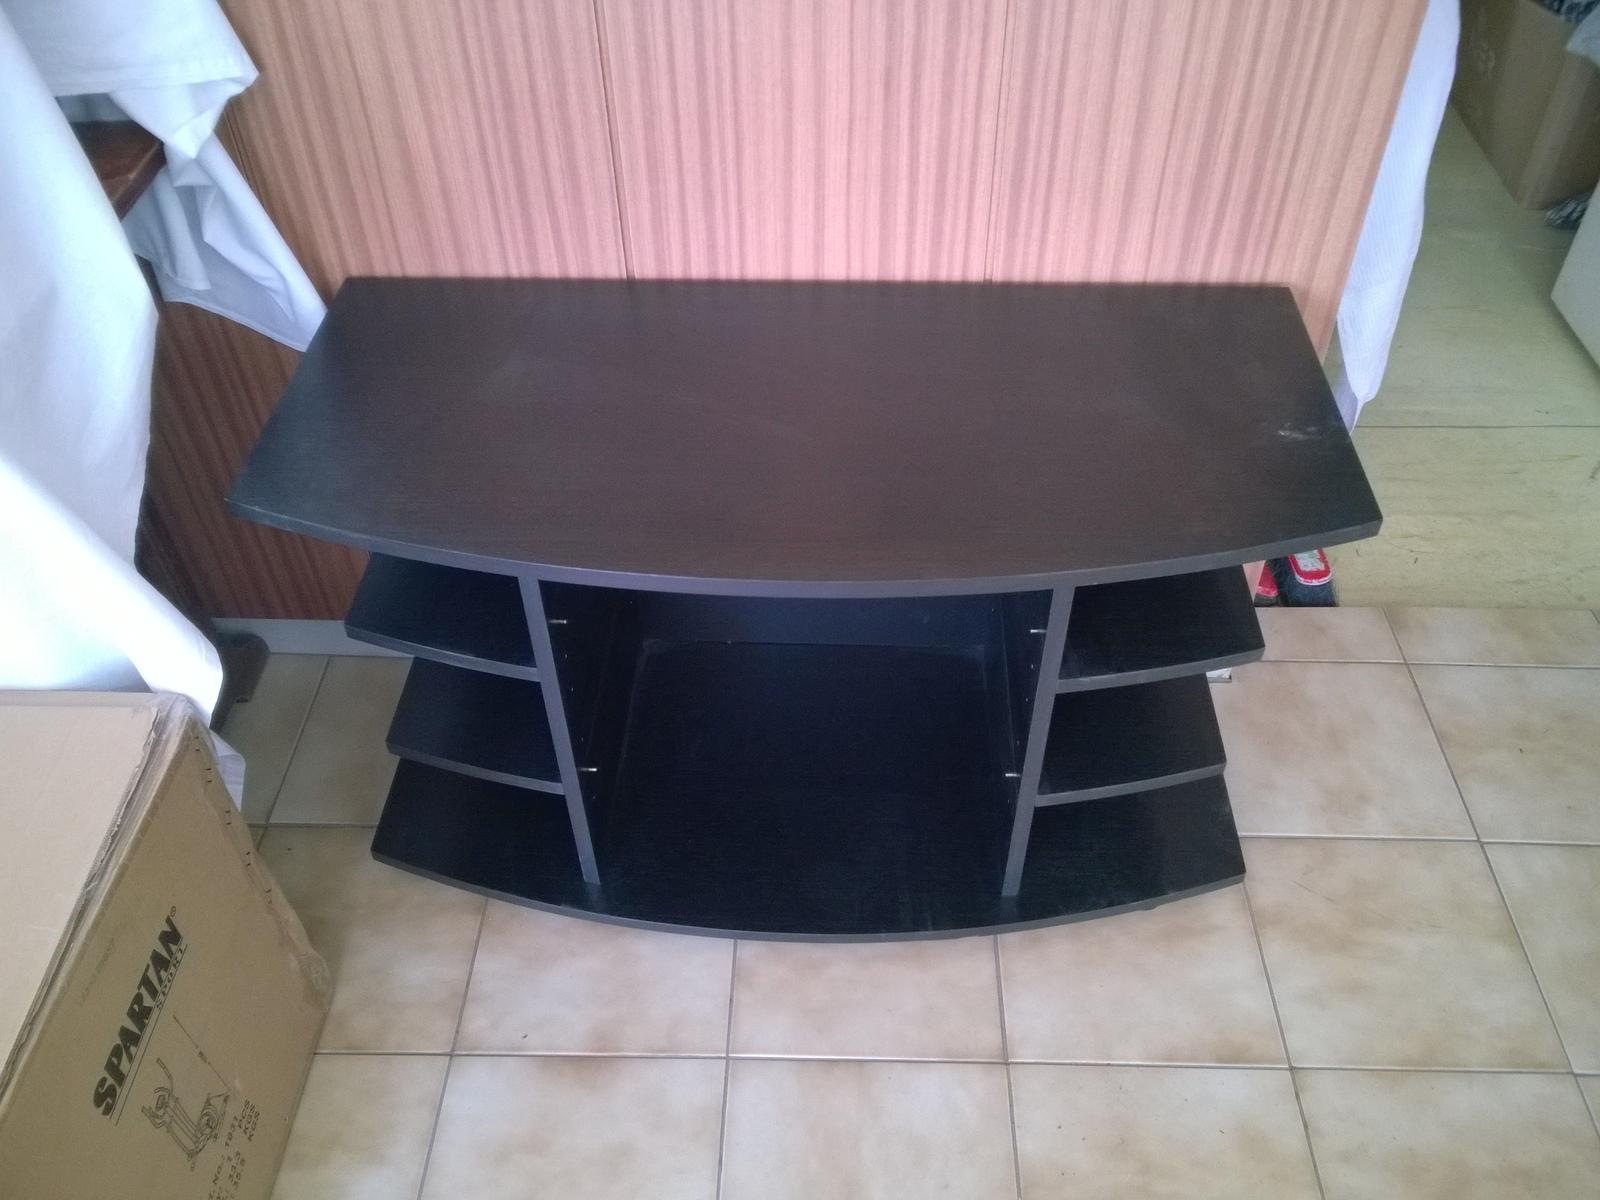 stolík pod TV - Obrázok č. 3